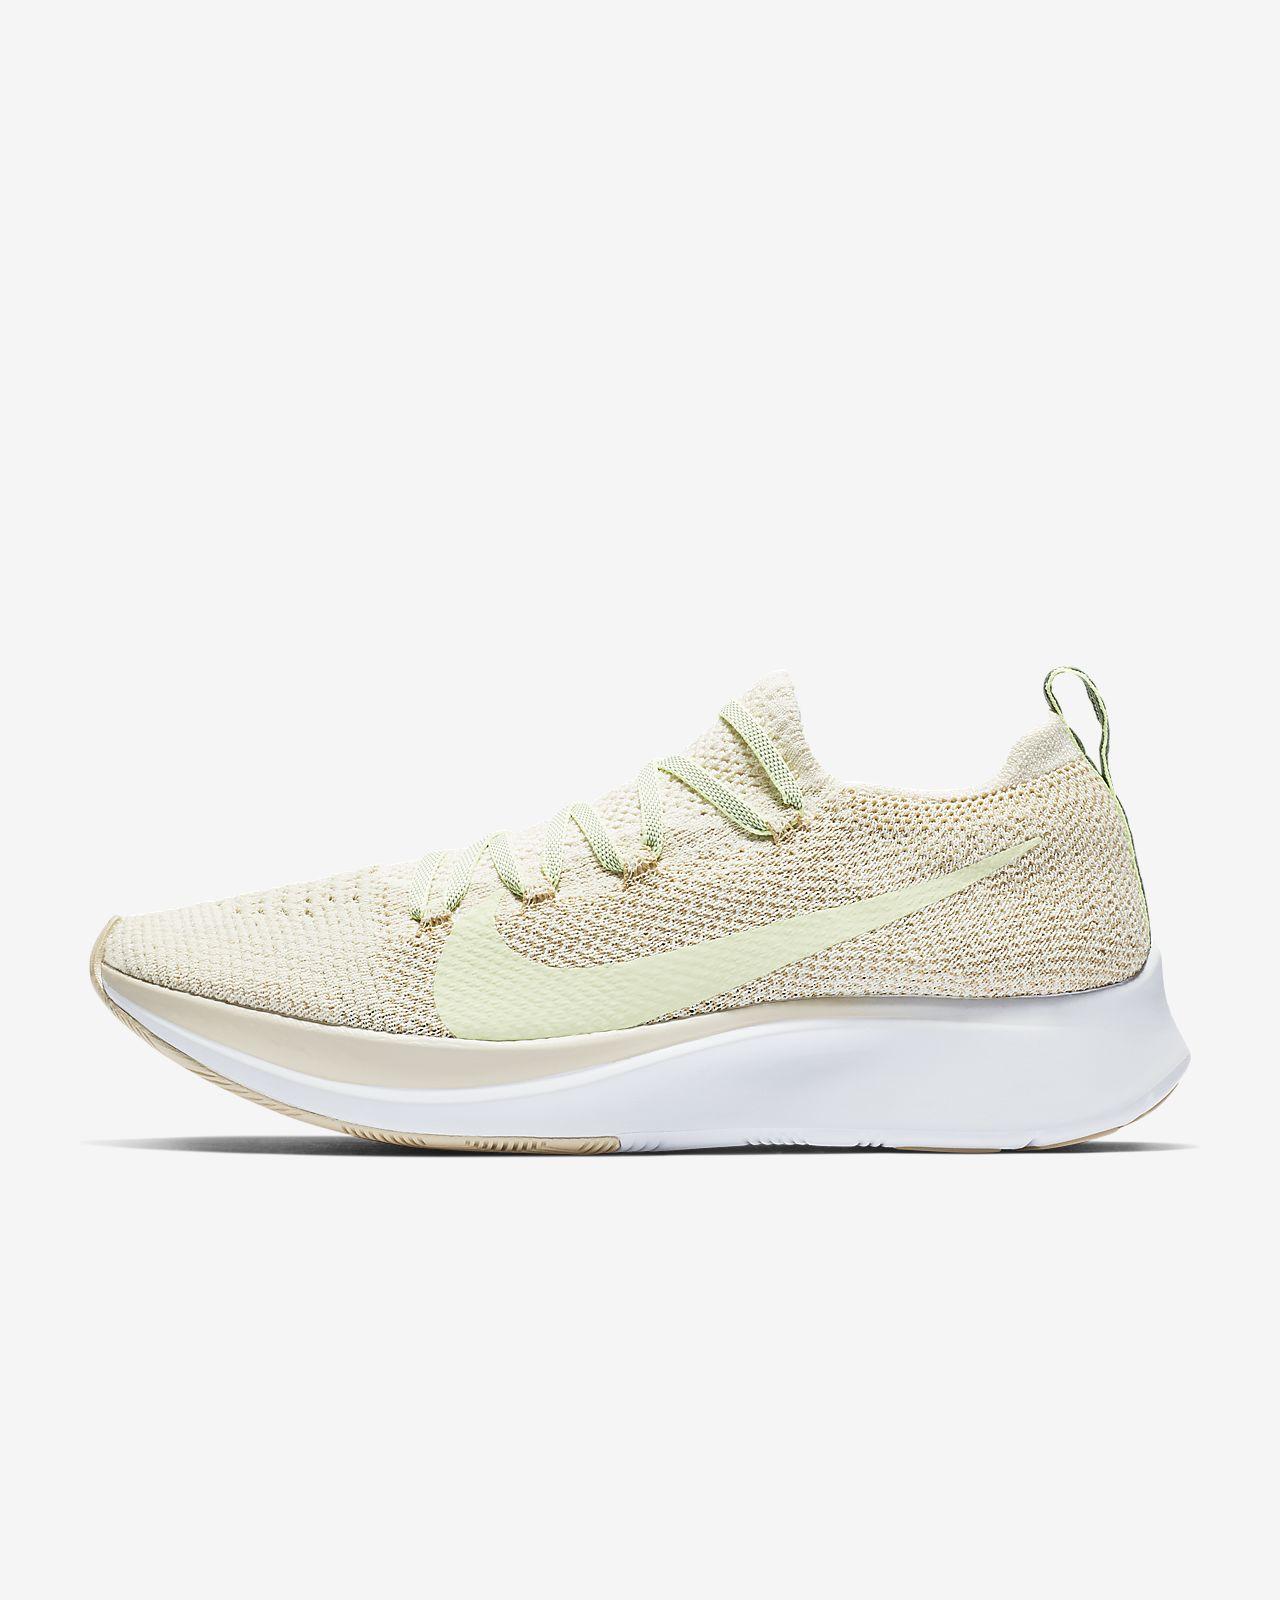 Nike Zoom Fly Flyknit Sabatilles de running - Dona